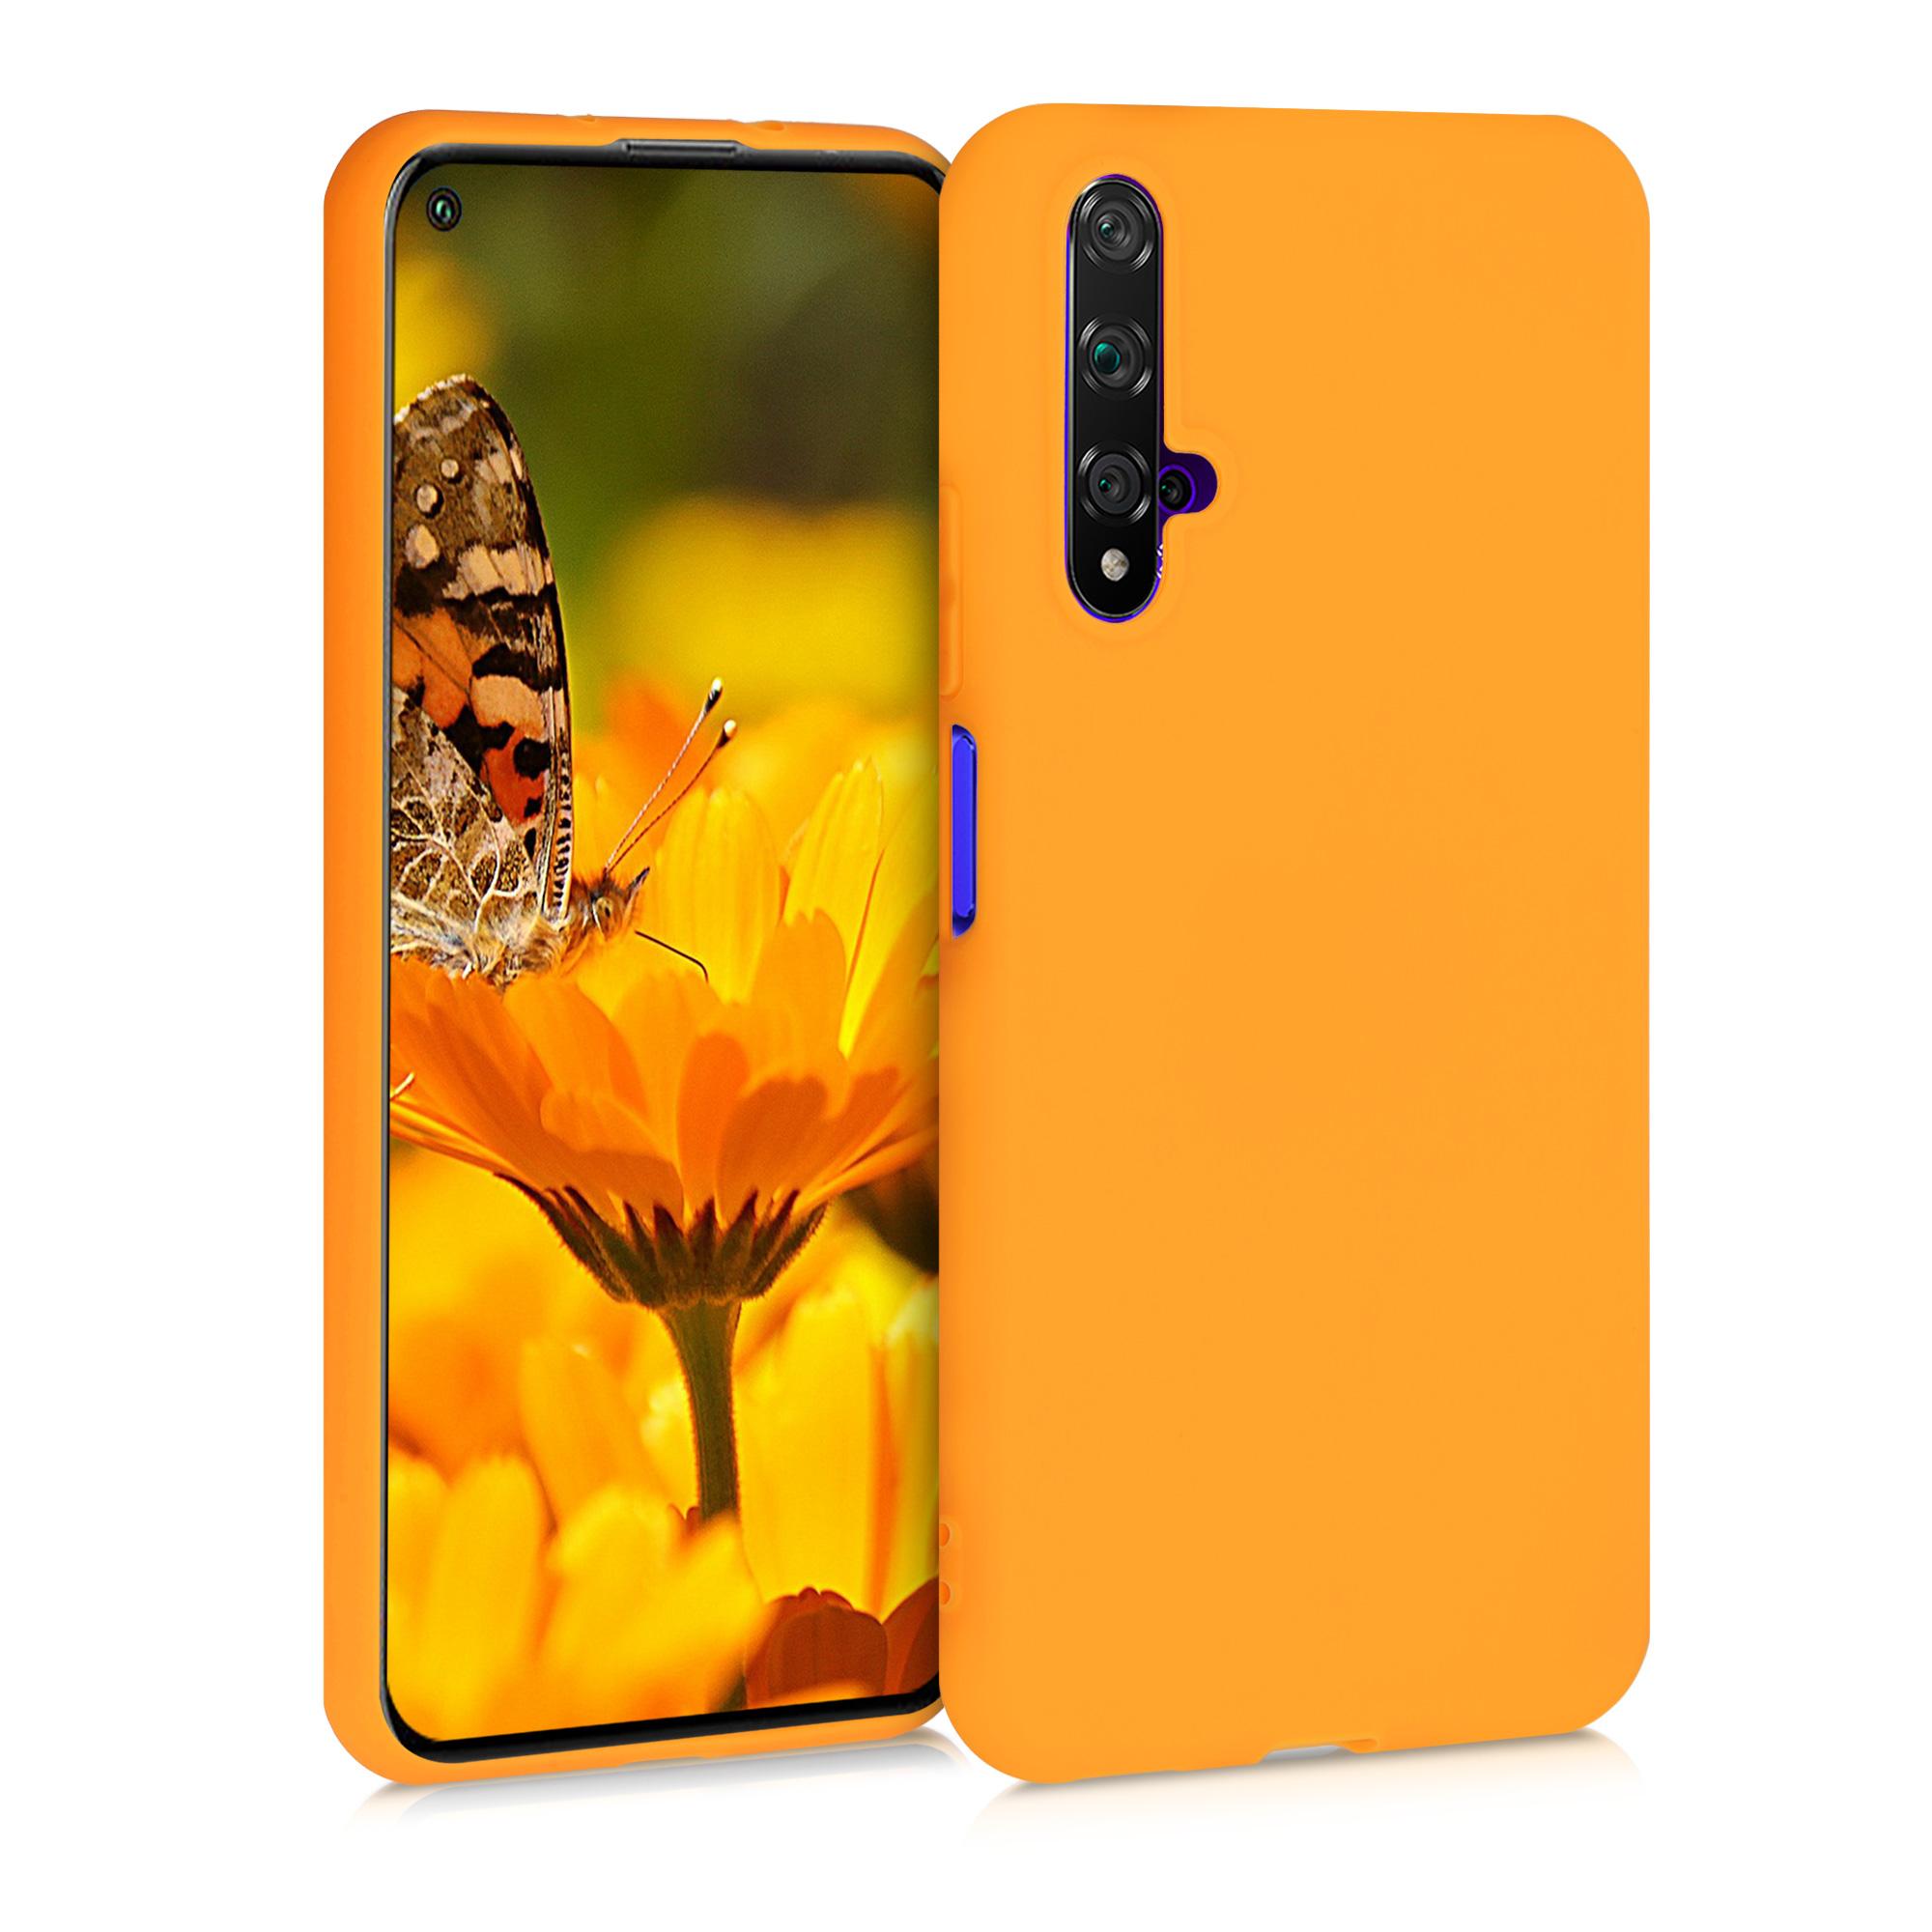 Śafránově žluté silikonové pouzdro / obal pro Huawei Nova 5T